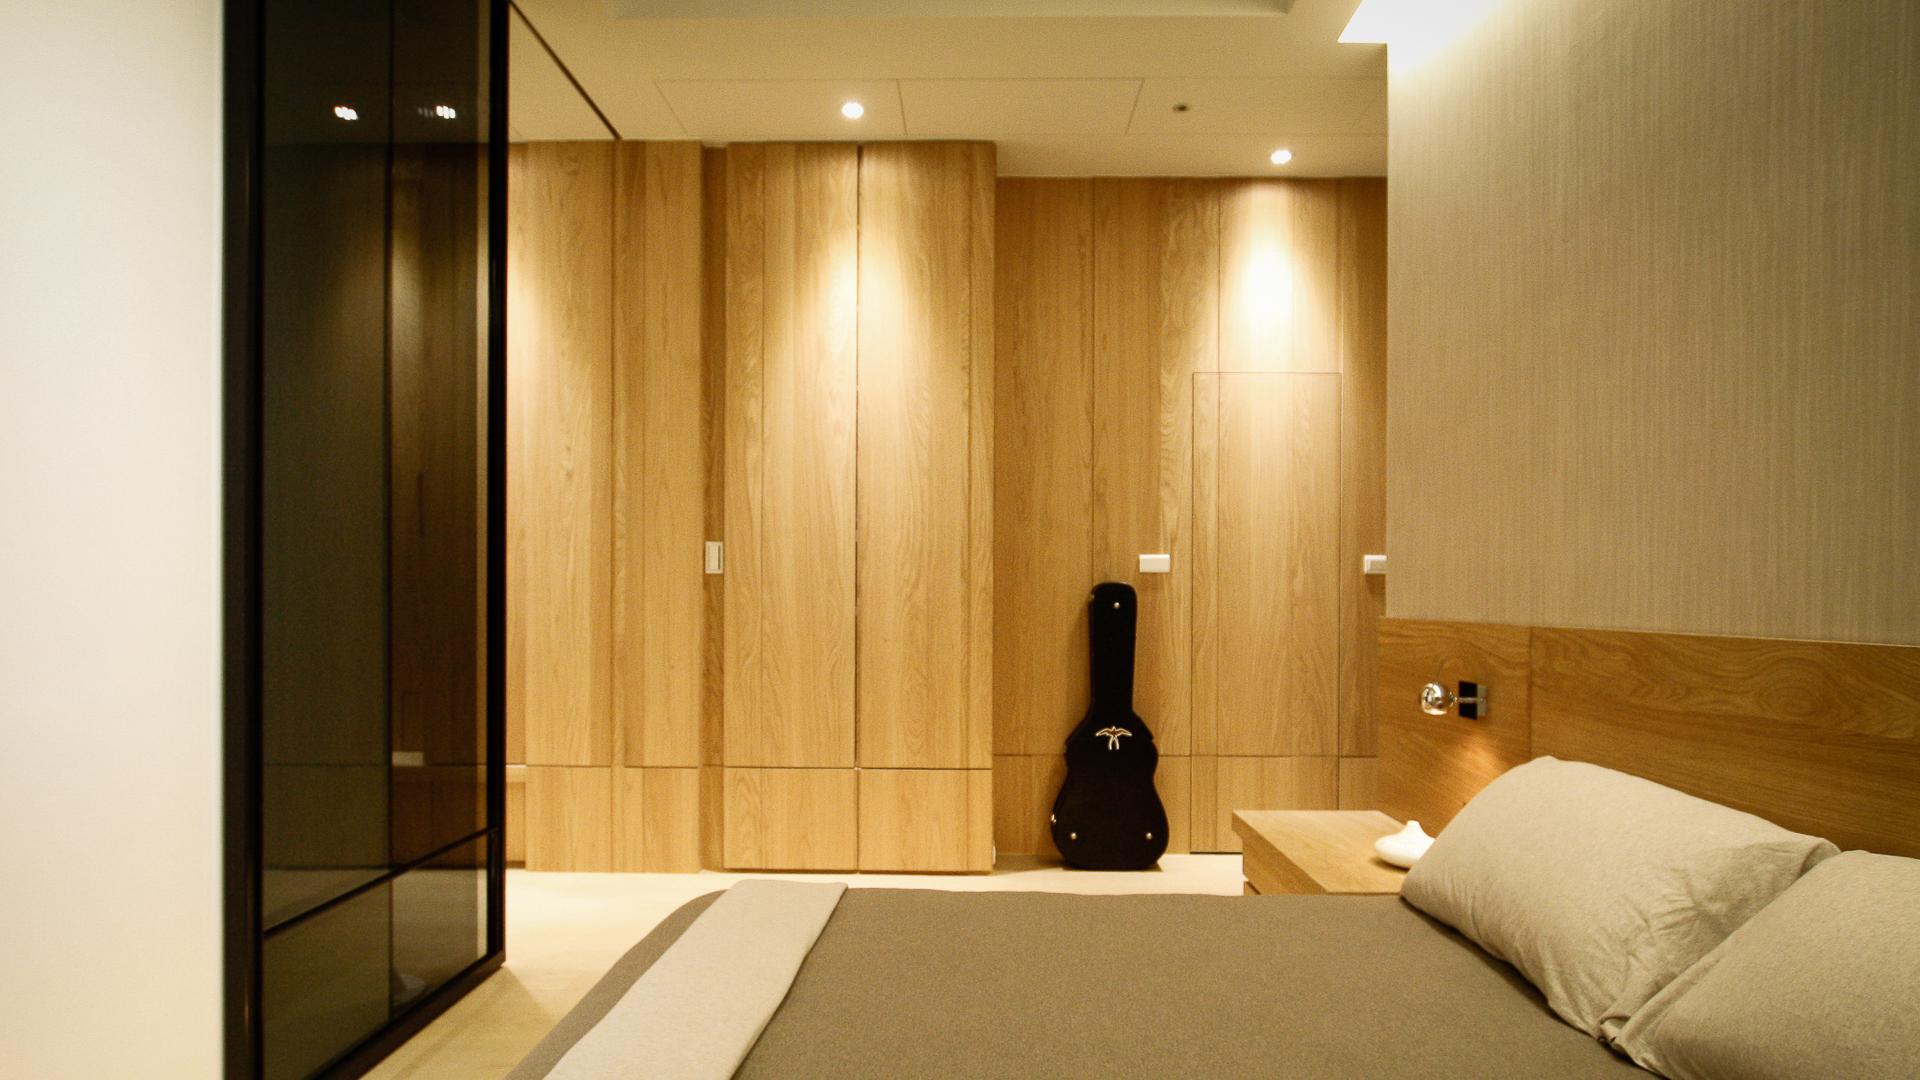 0019_室內設計師推薦風格現代東方風New JP style-11